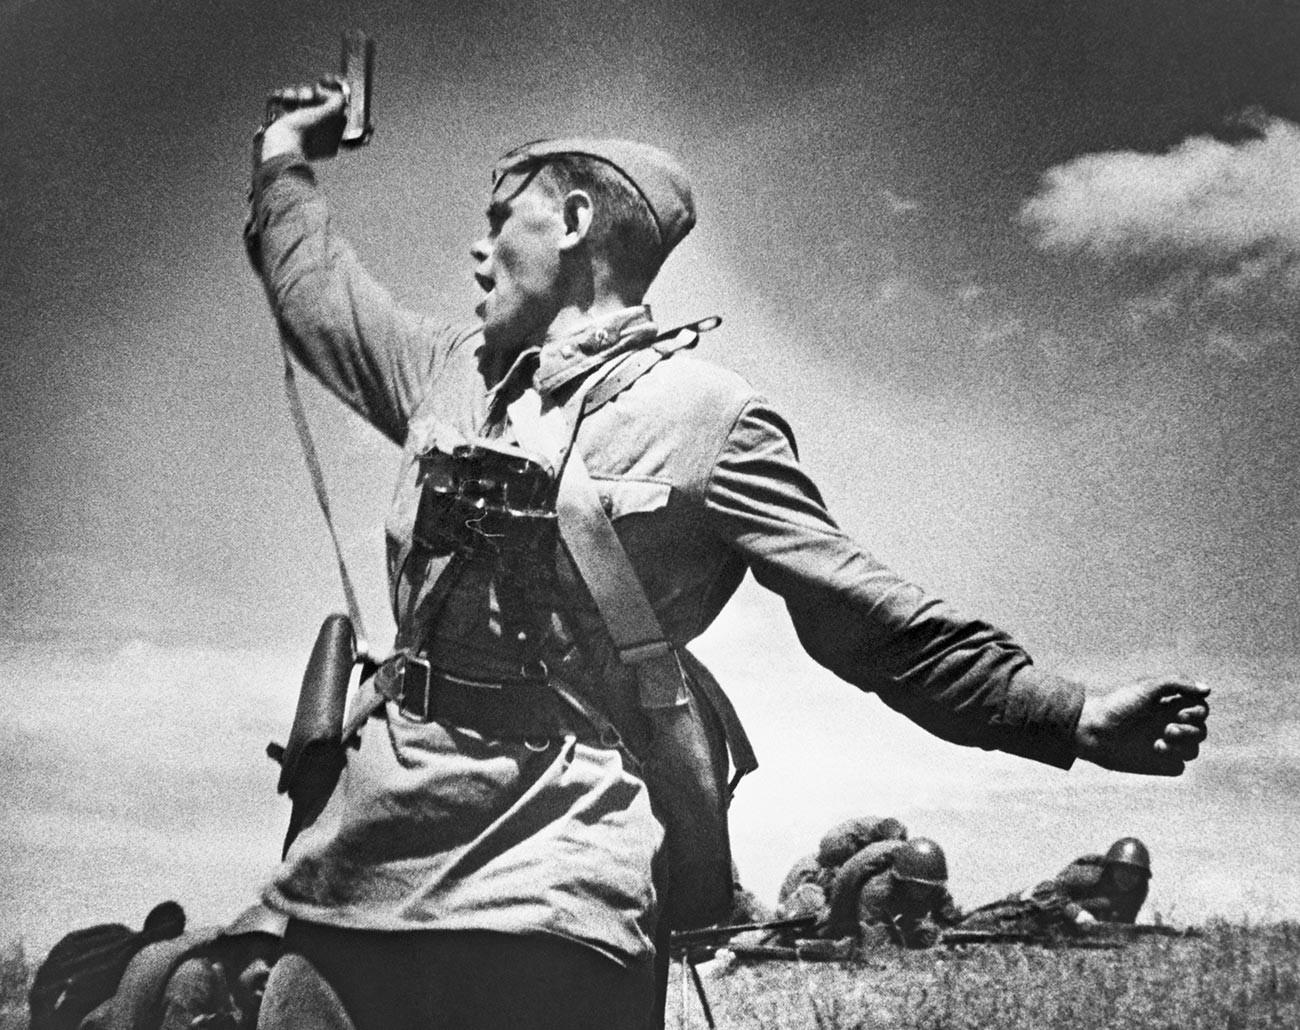 ウクライナのドイツ軍陣地に対する戦闘に兵士らを導く政治将校アレクセイ・エレメンコ。1942年7月12日。彼はこの写真が撮られた数分後に戦死した。